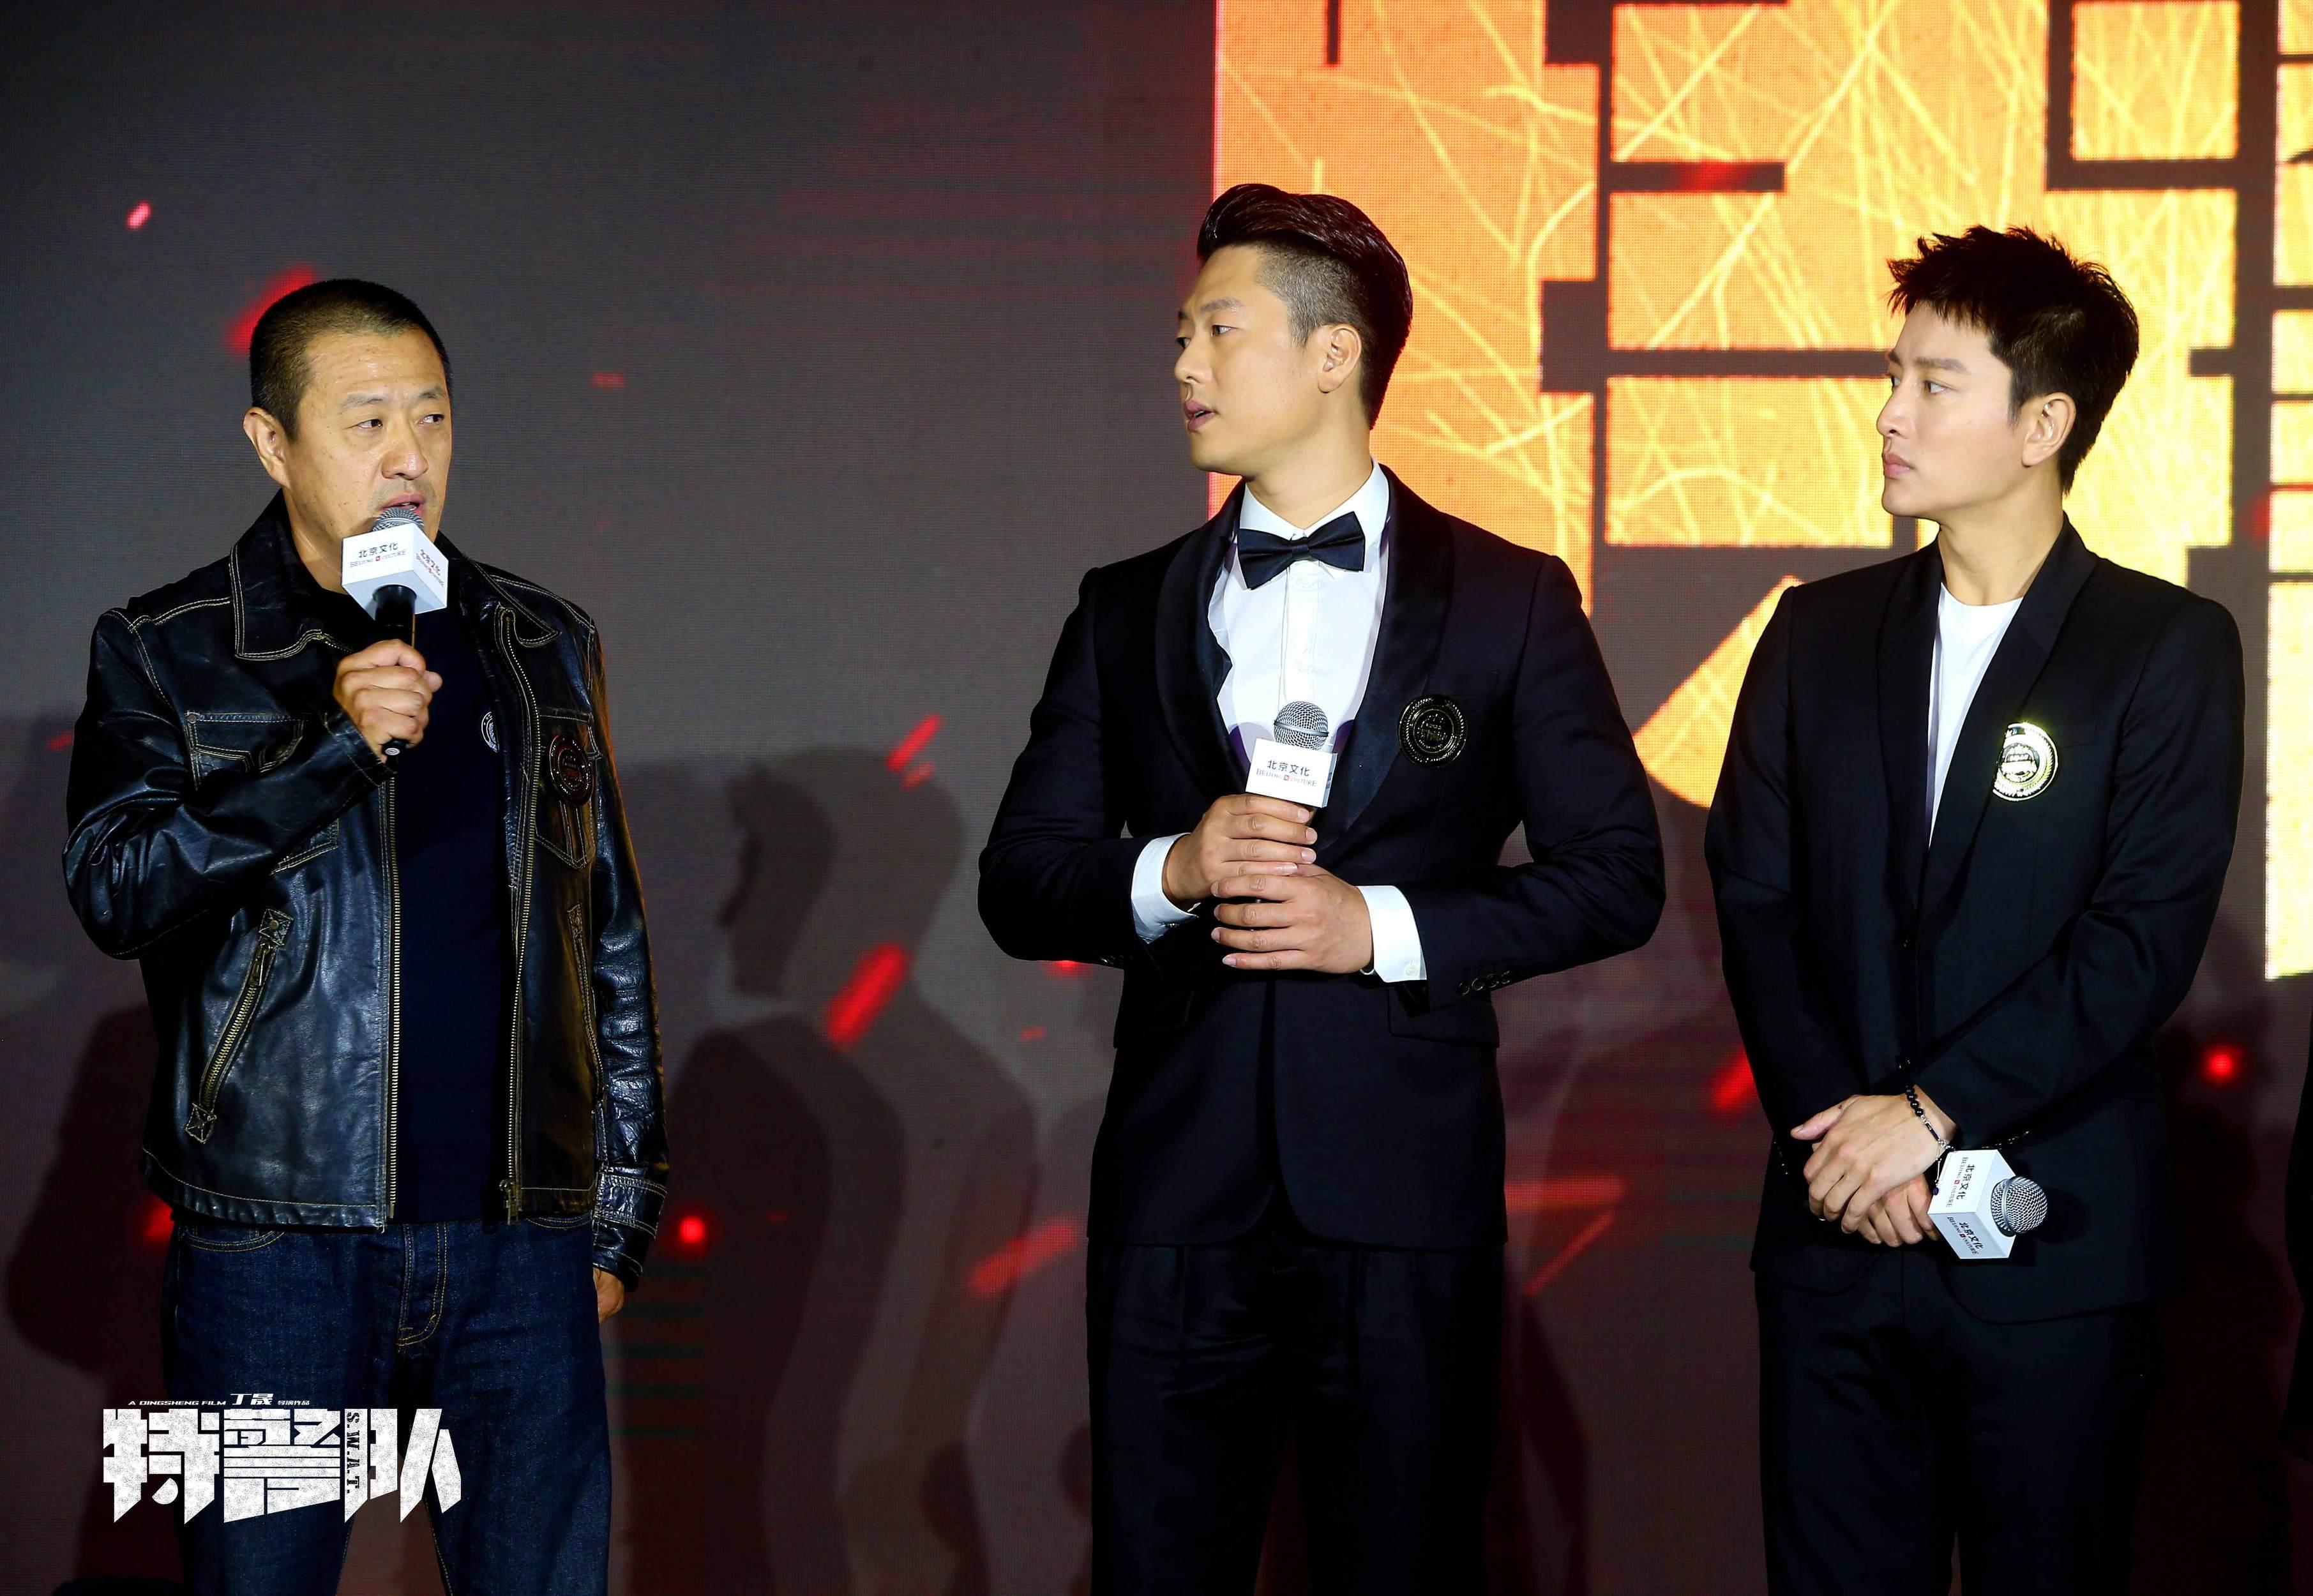 中国首部真实特警参演电影,《特警队》北京文